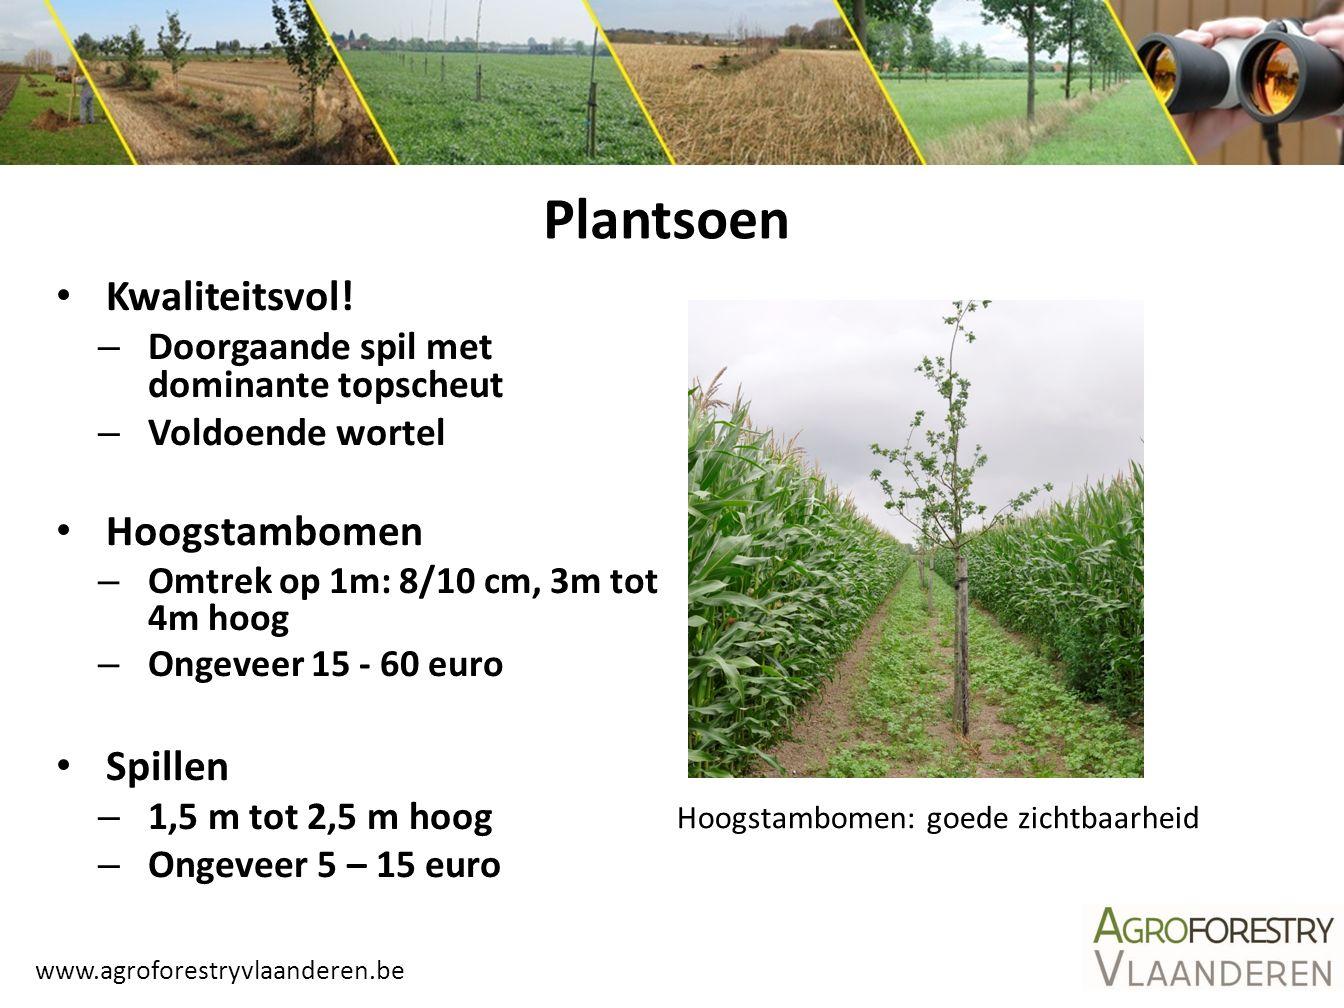 Plantsoen Kwaliteitsvol! Hoogstambomen Spillen